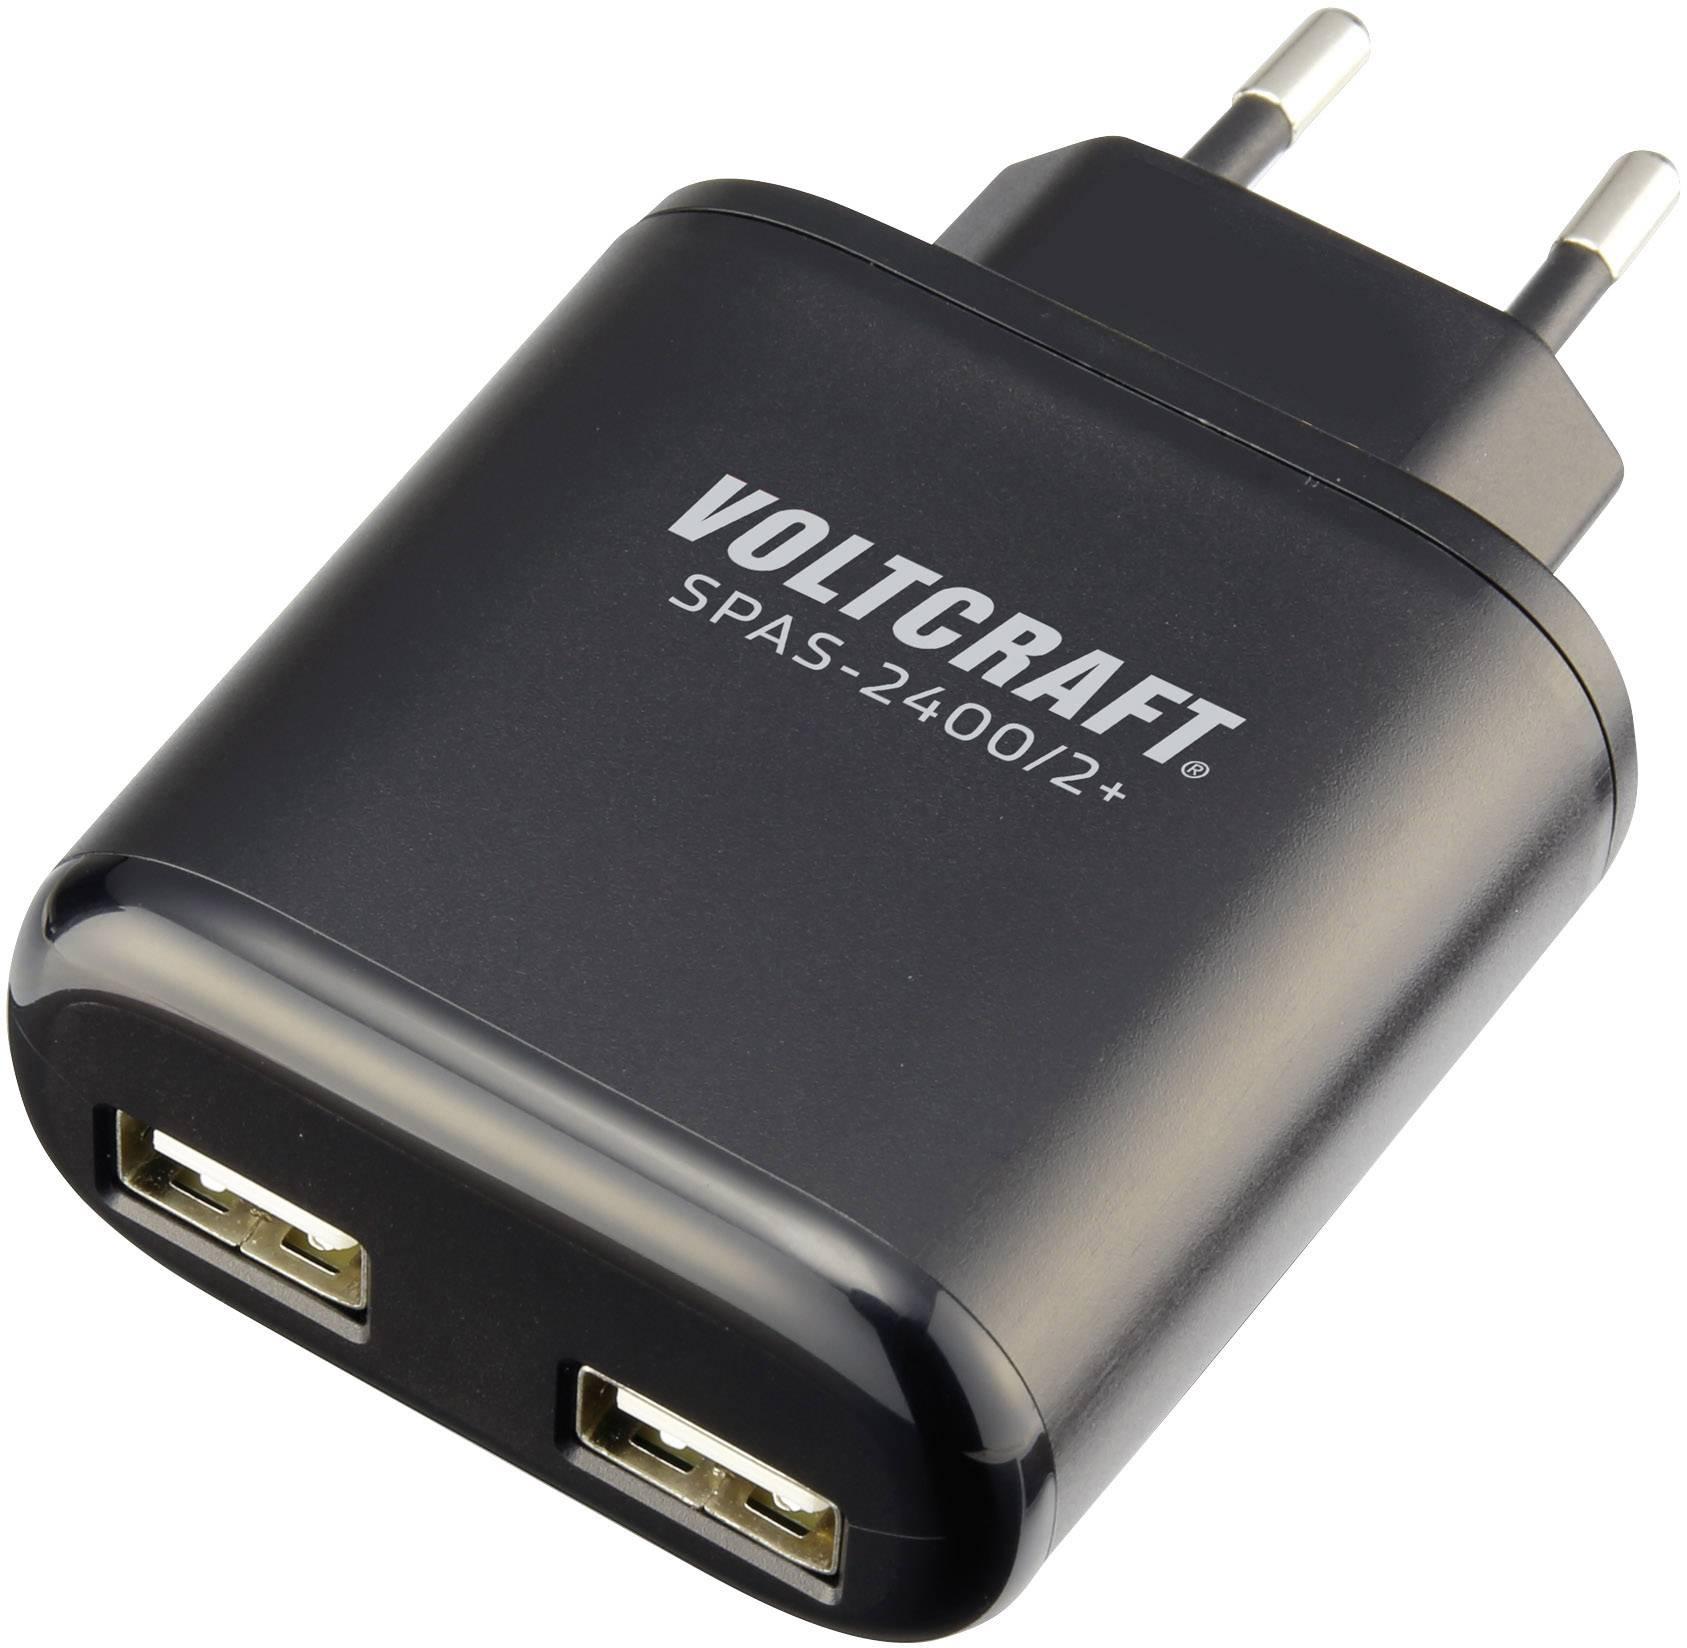 USB sieťový adaptér Voltcraft SPS-2400/2 +, 2x 2400 mA